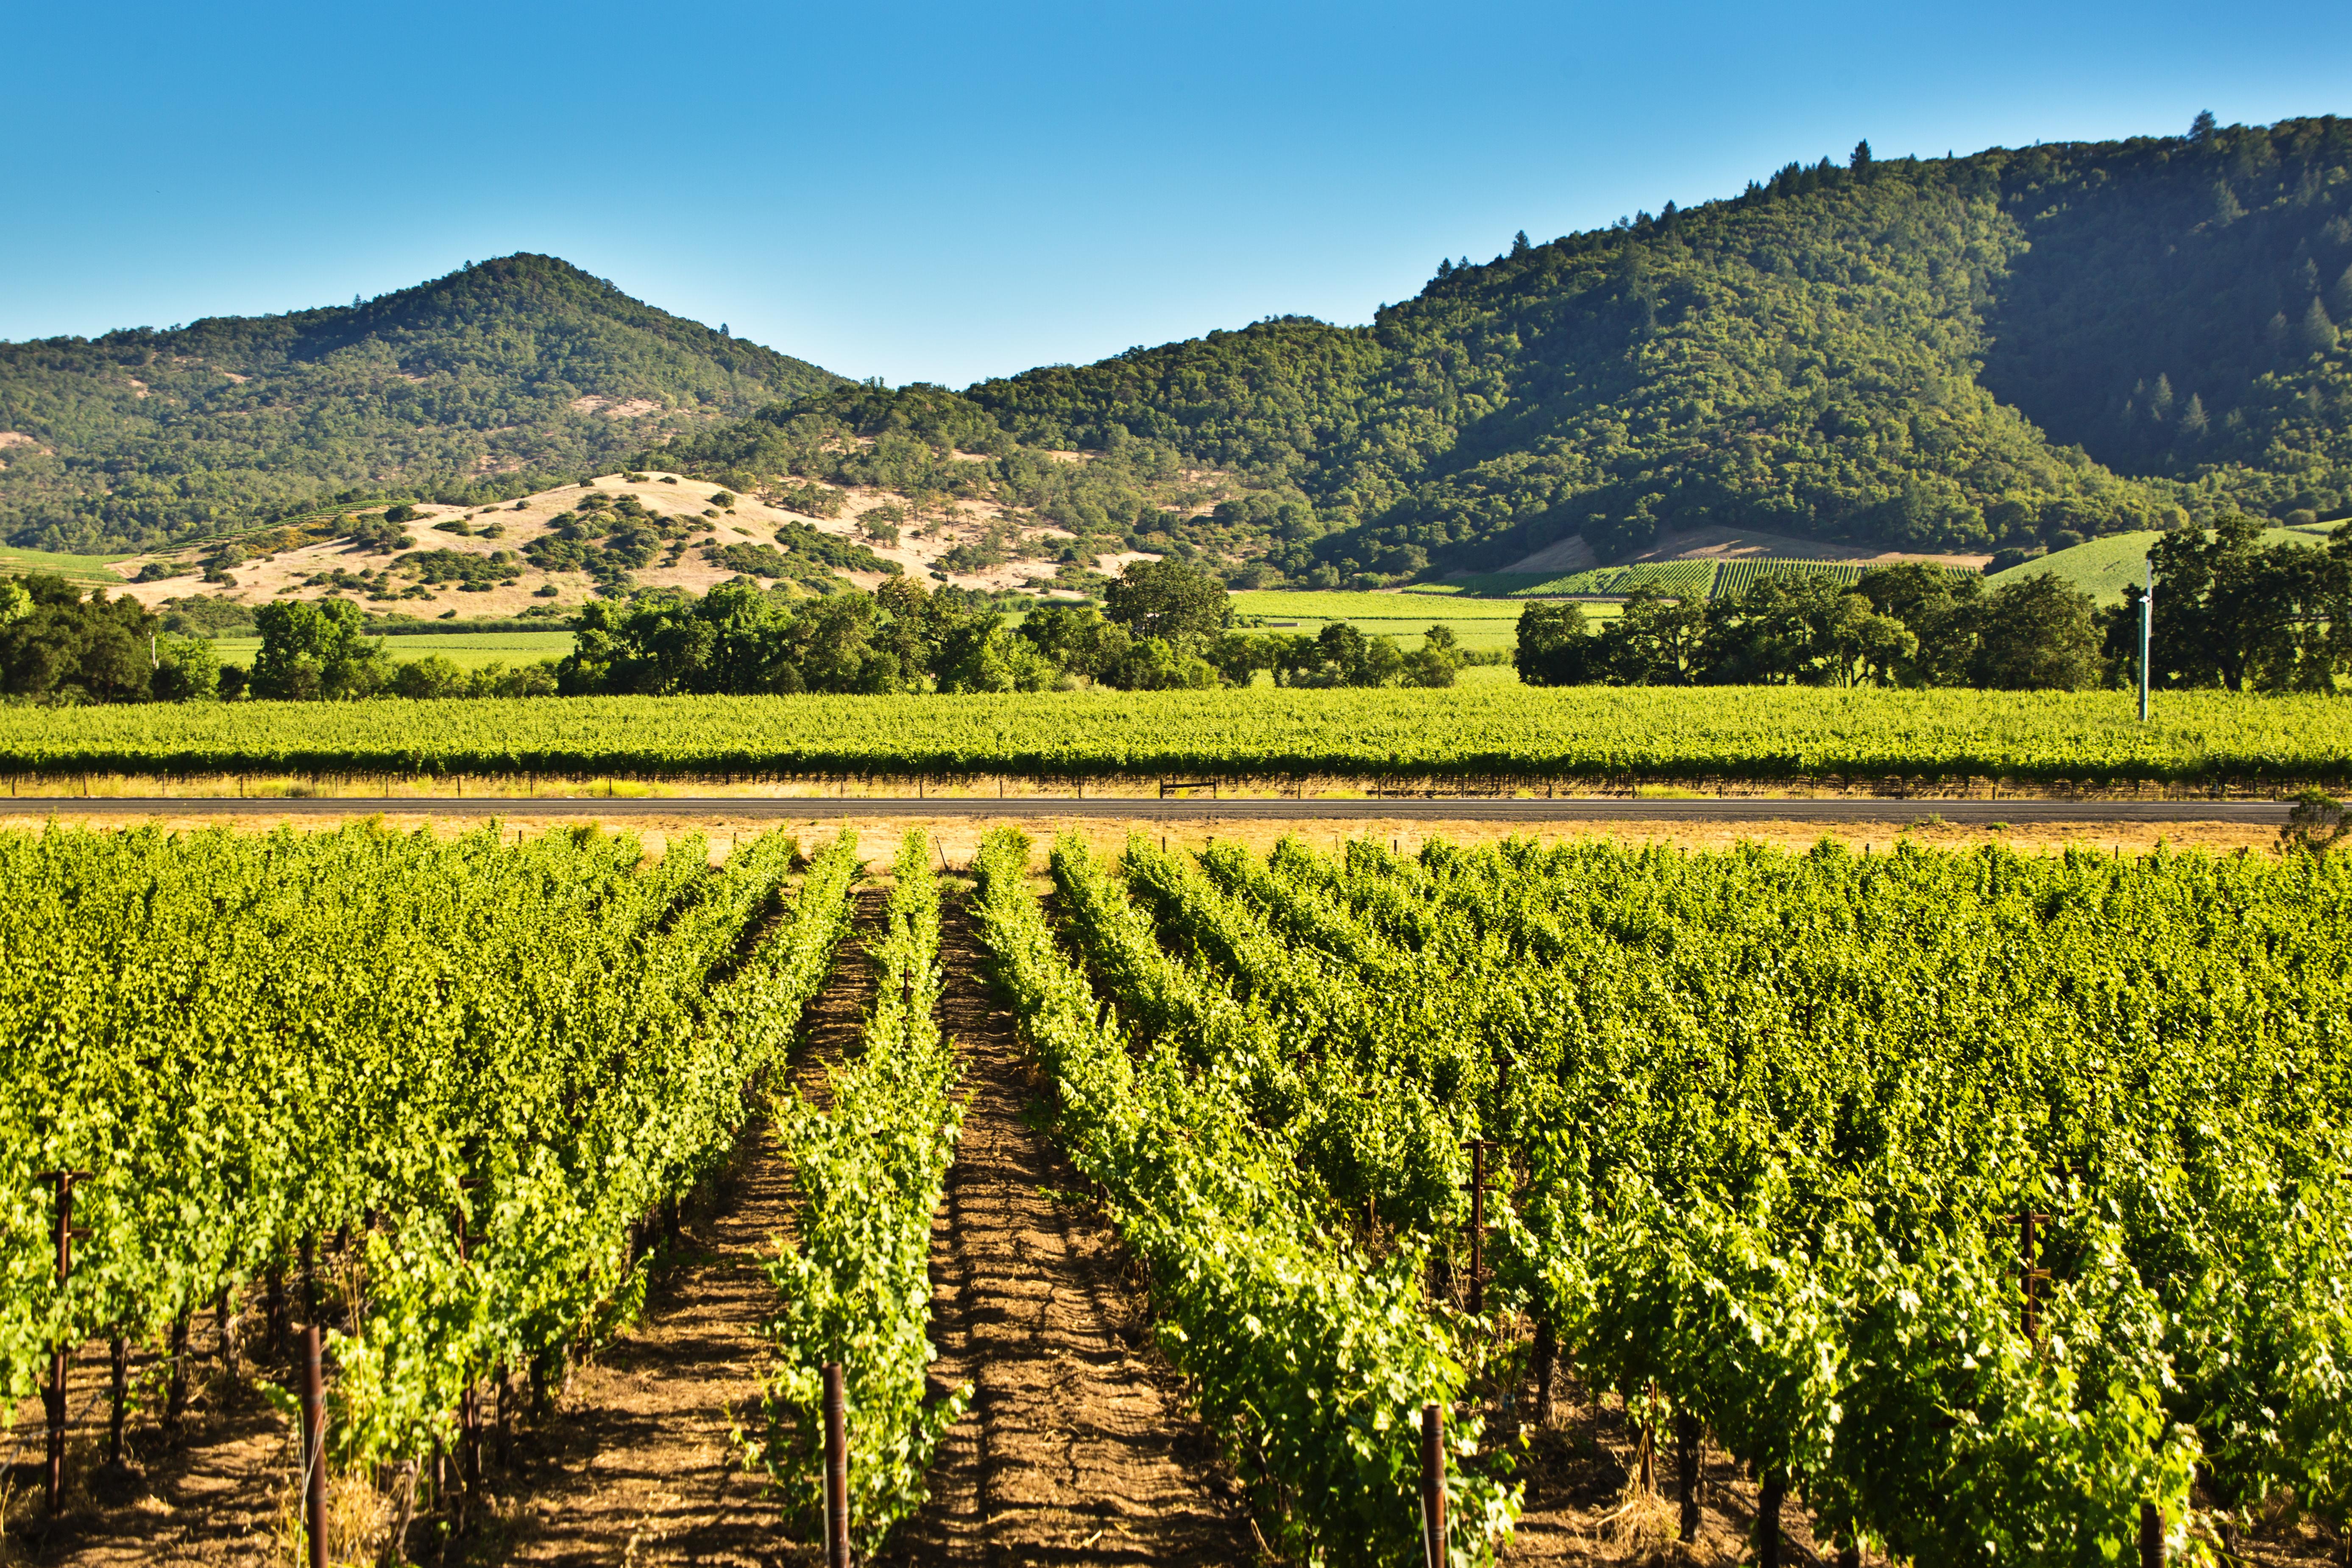 Napa Valley California Vineyard and Winery